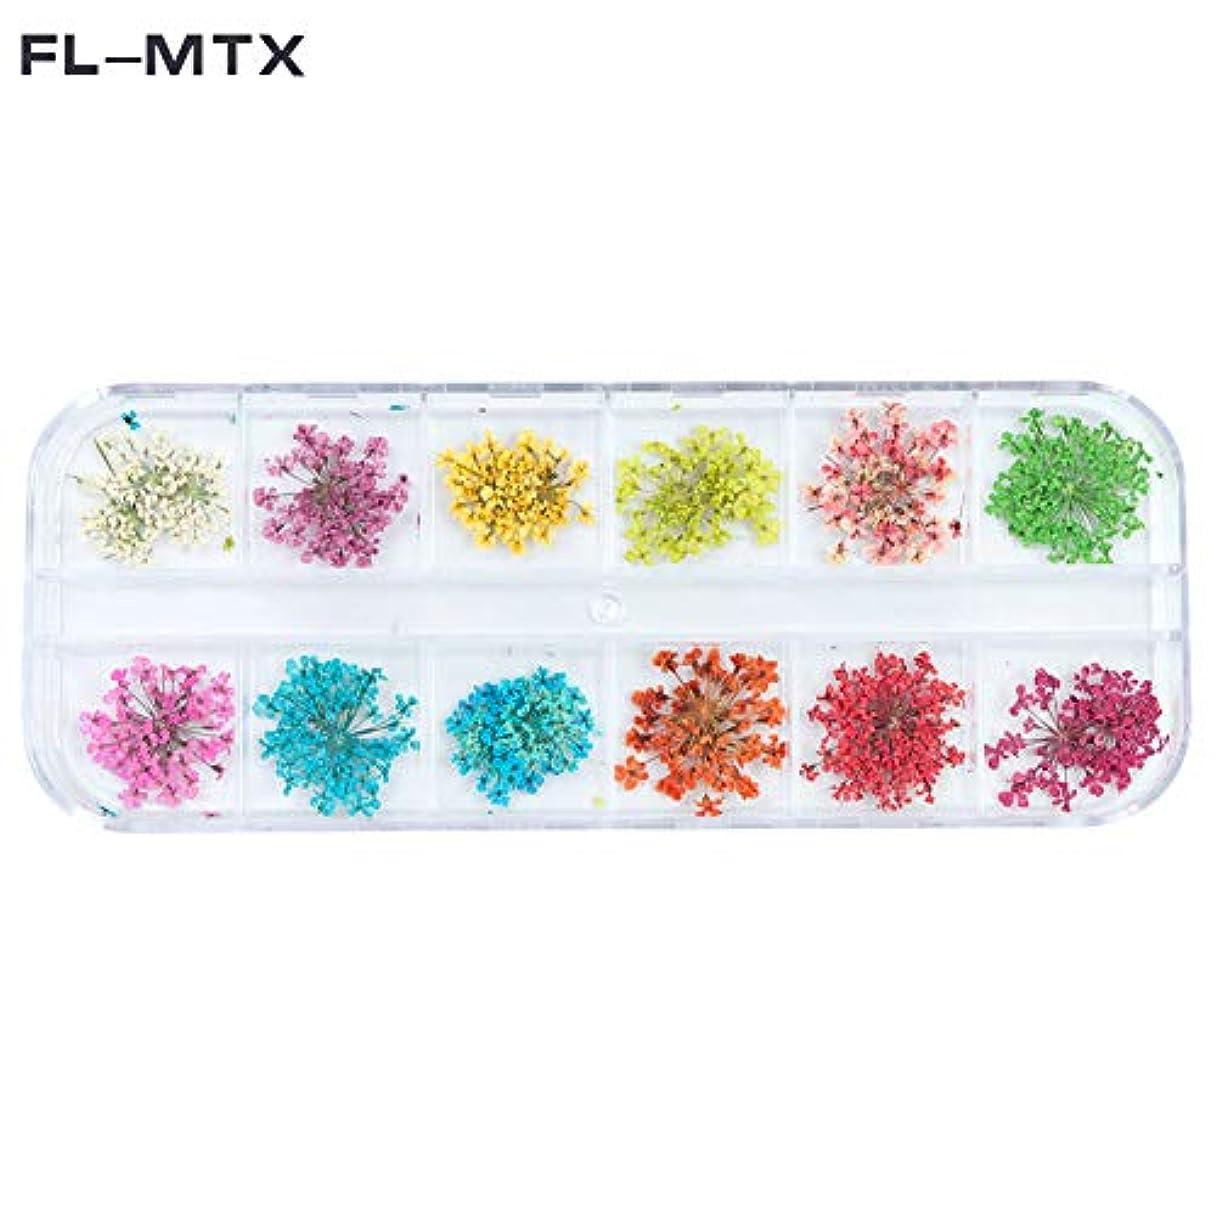 認識ハッチ食堂1パックのネイルジュエリードライフラワーdiyクラフト(fl-mtx)の3dフラワーネイル装飾用ドライネイル用品の12色違い